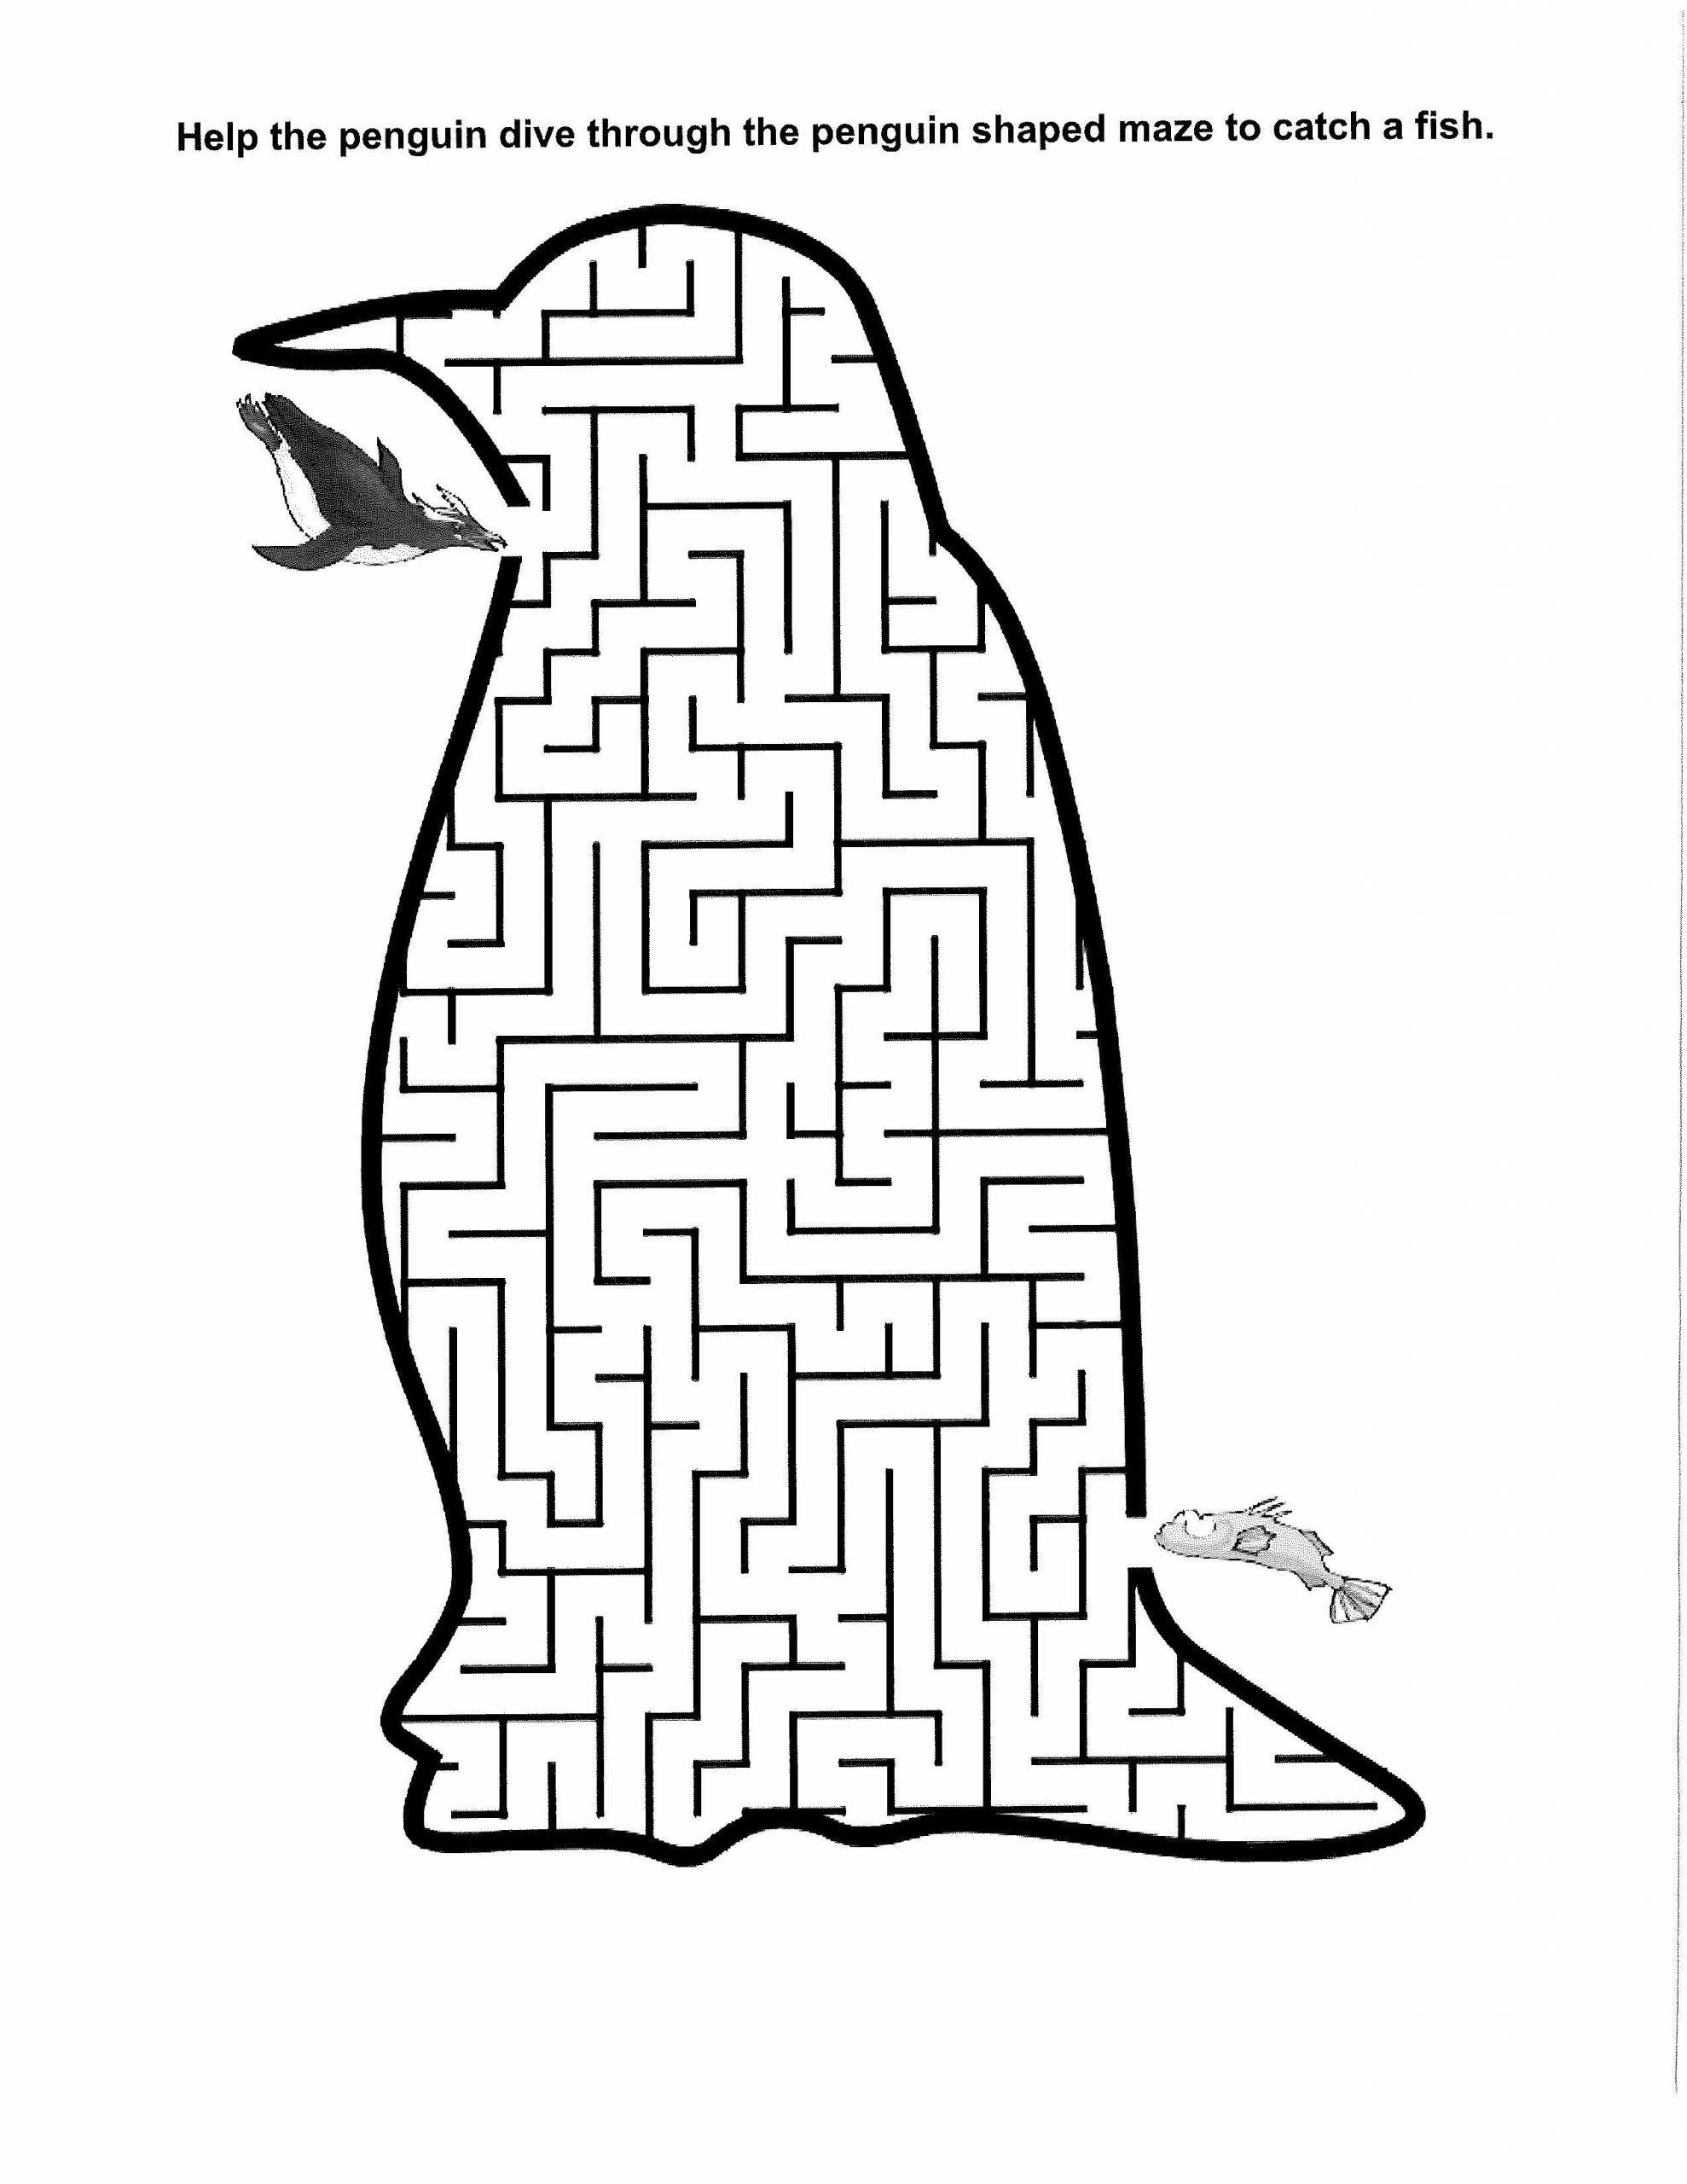 Downloadable Penquin Maze